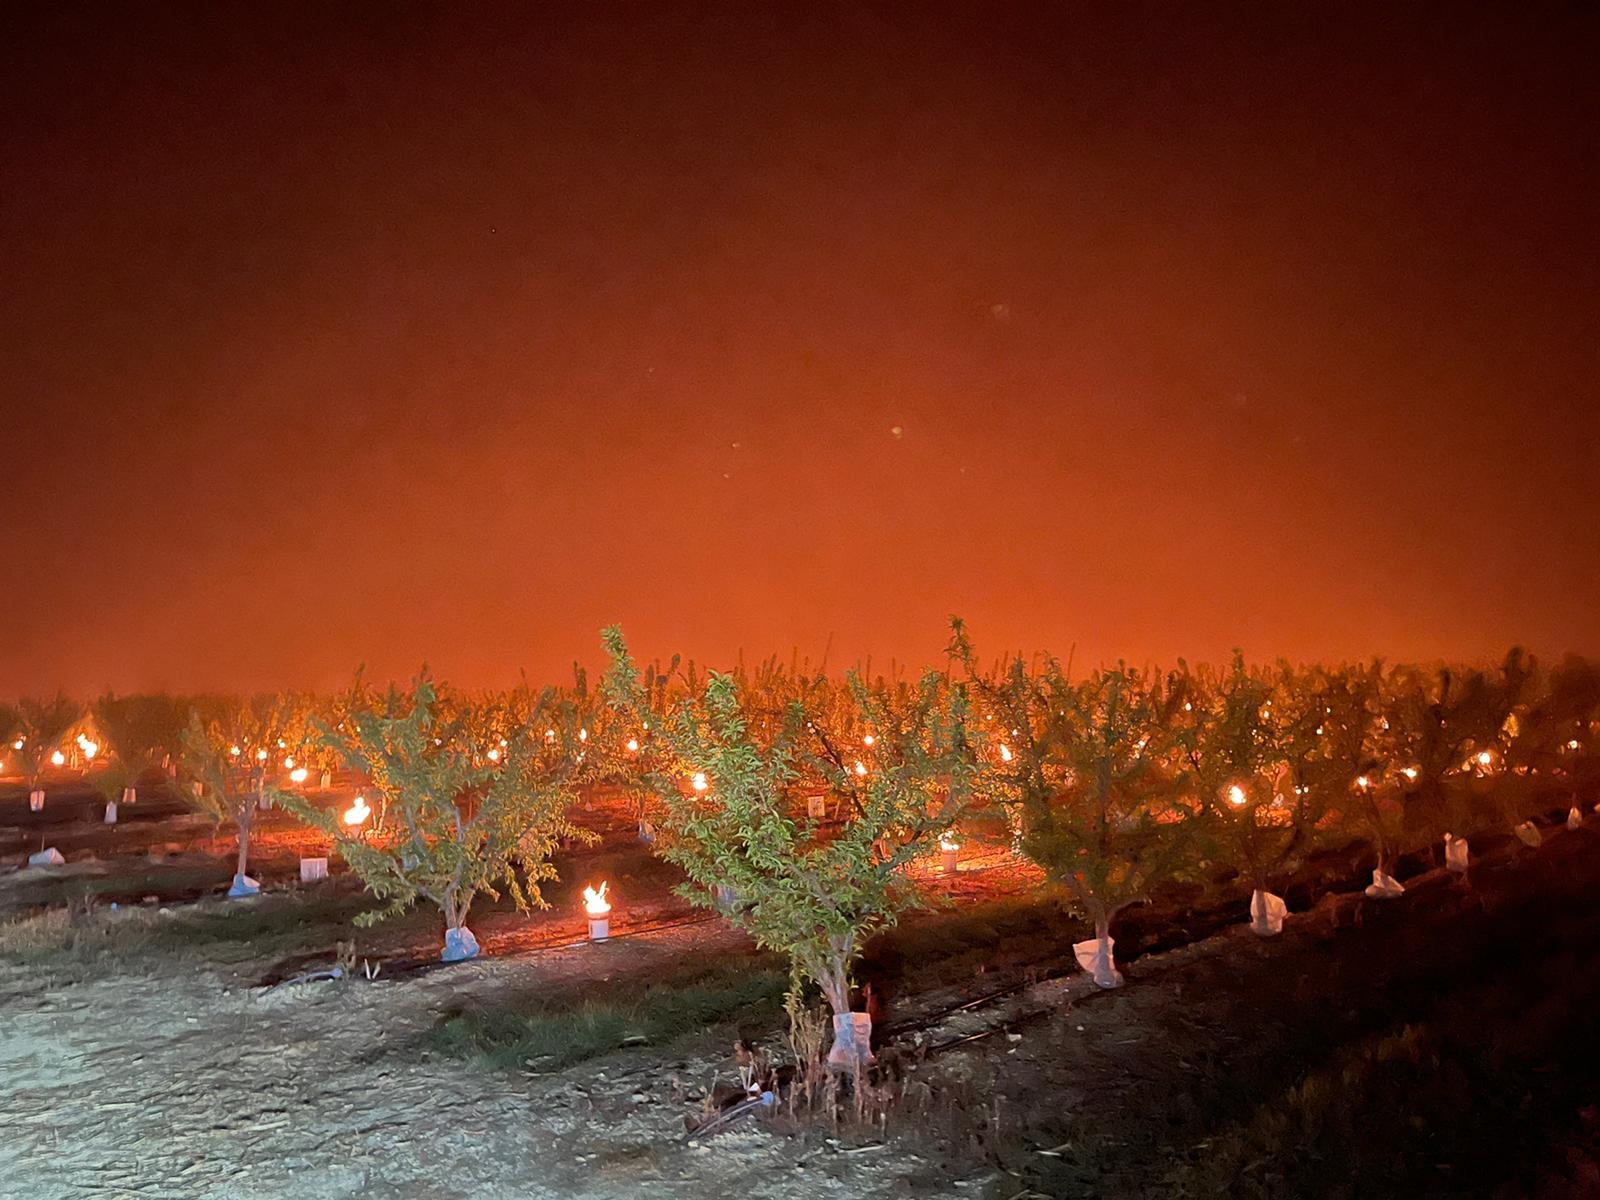 la plus grande catastrophe agronomique de ce début de XXIe siècl